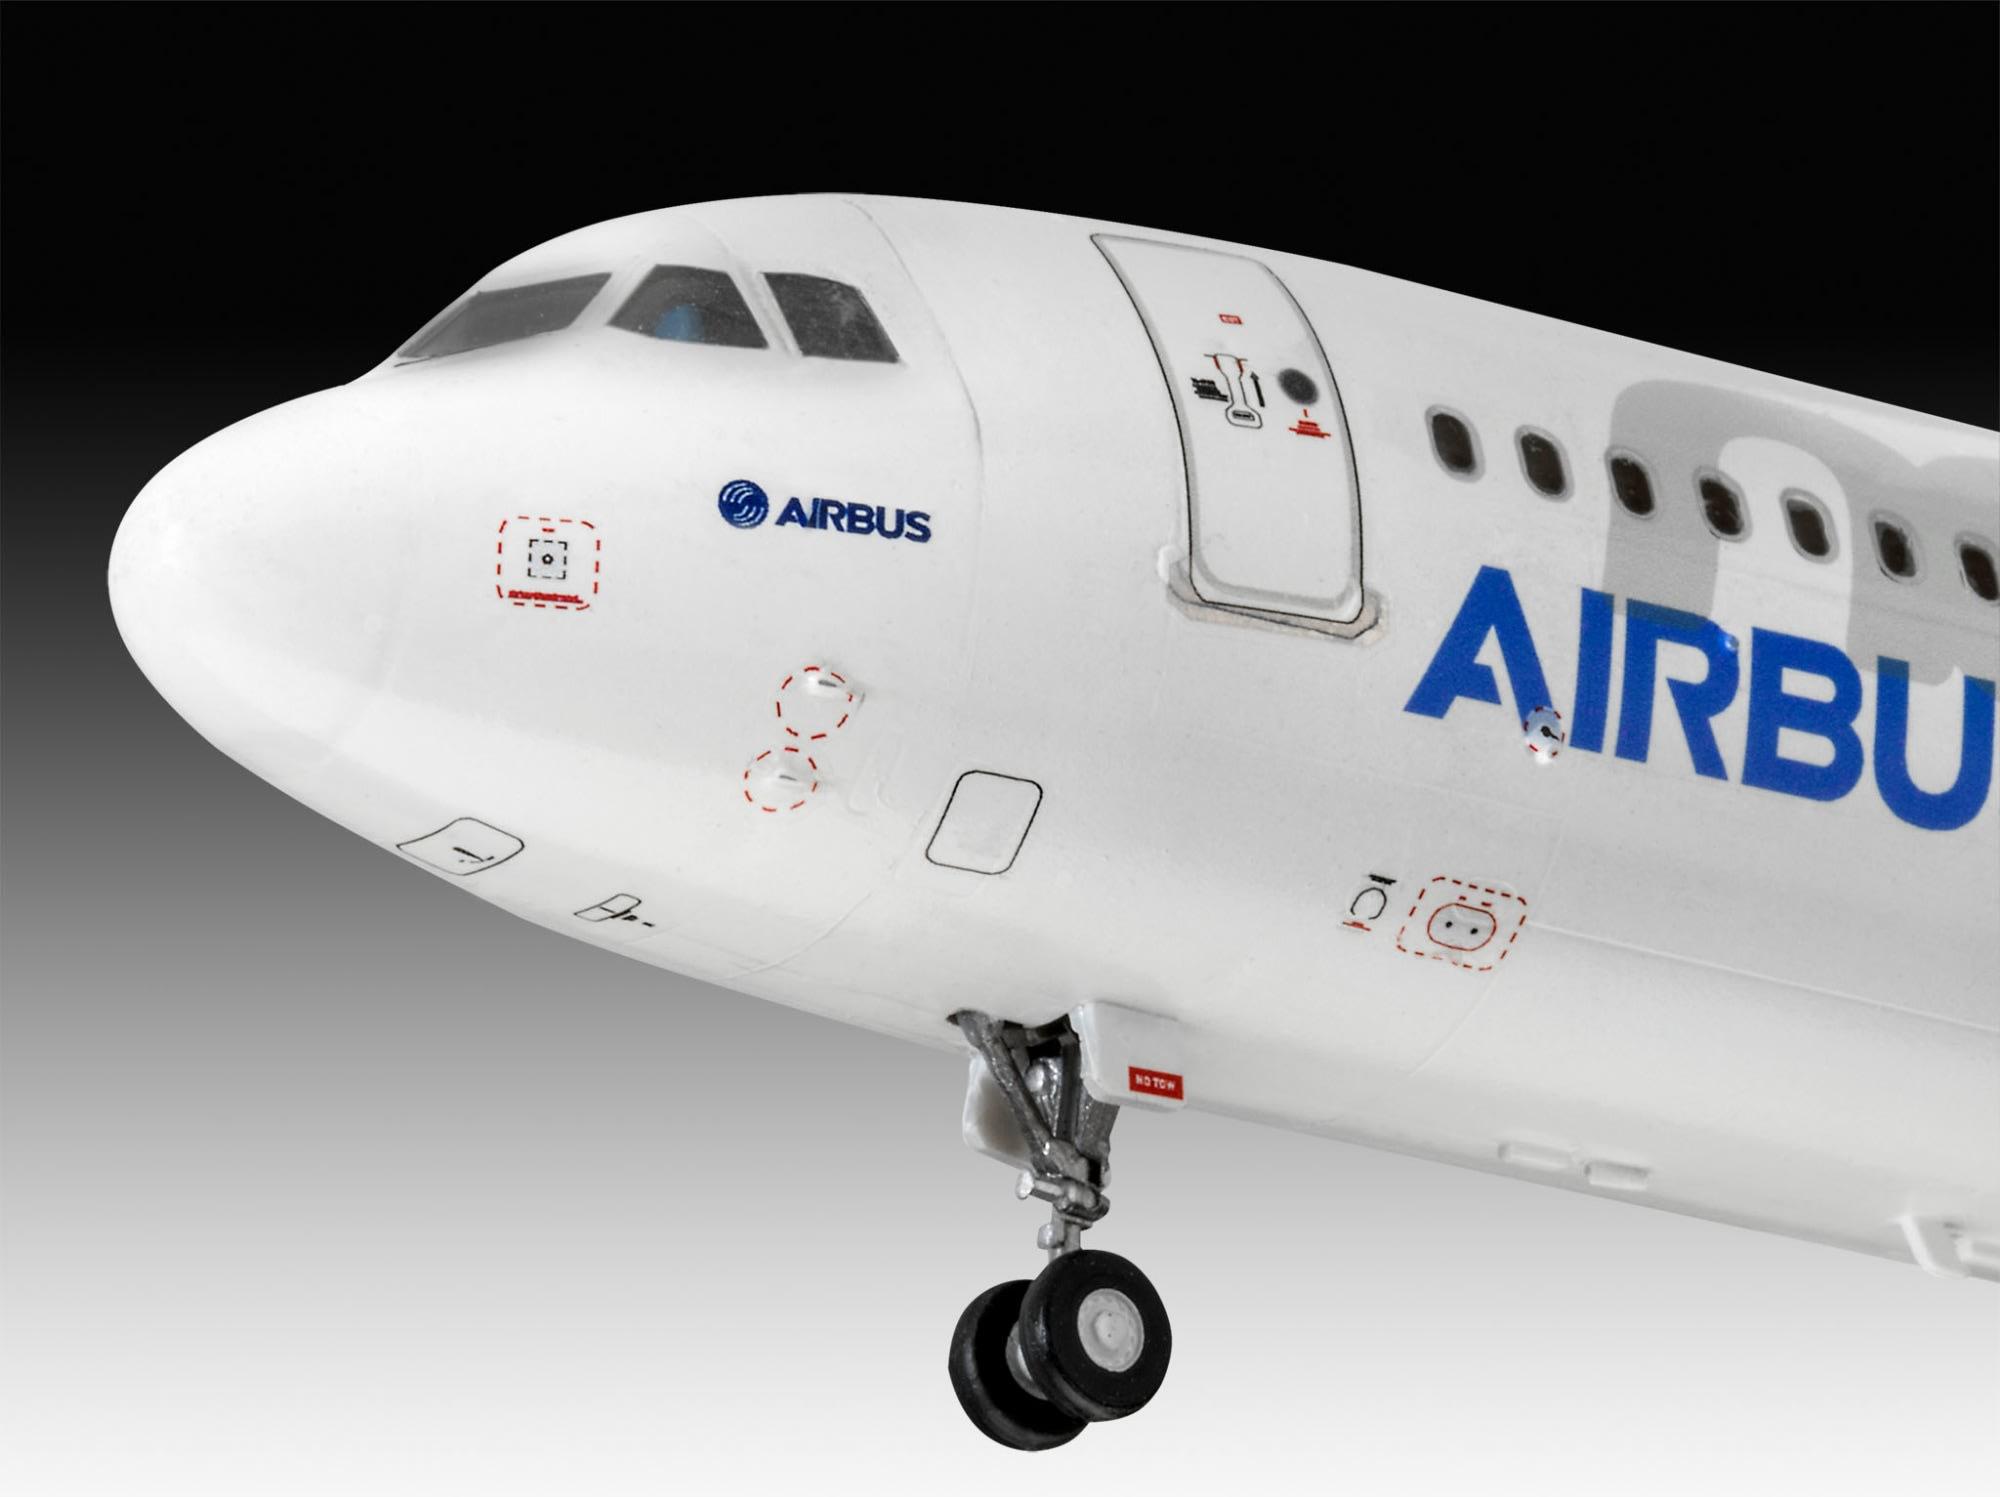 Airbus Jyväskylä